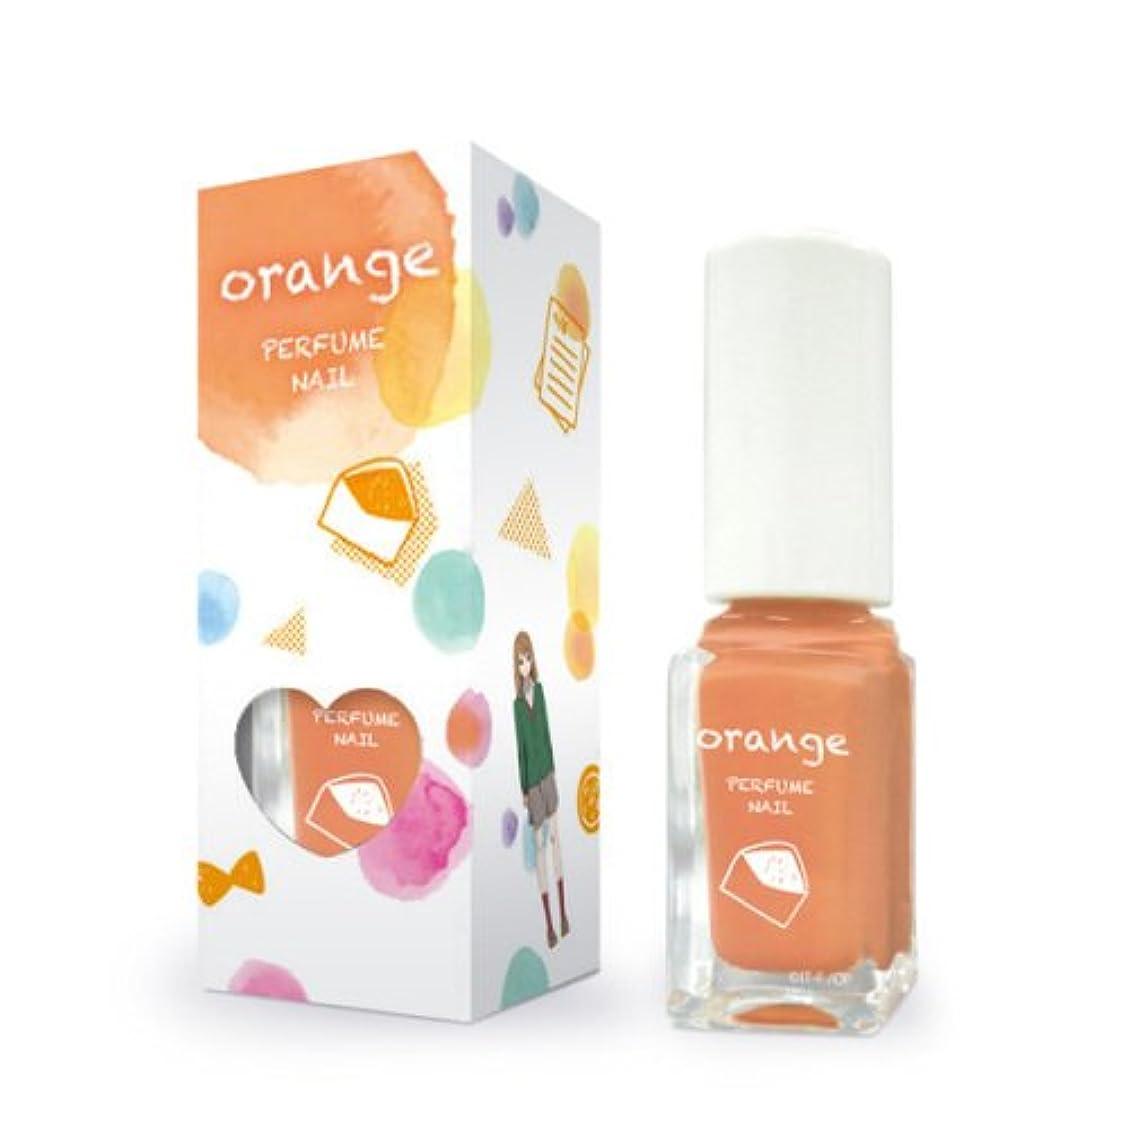 「orange」パフュームネイル